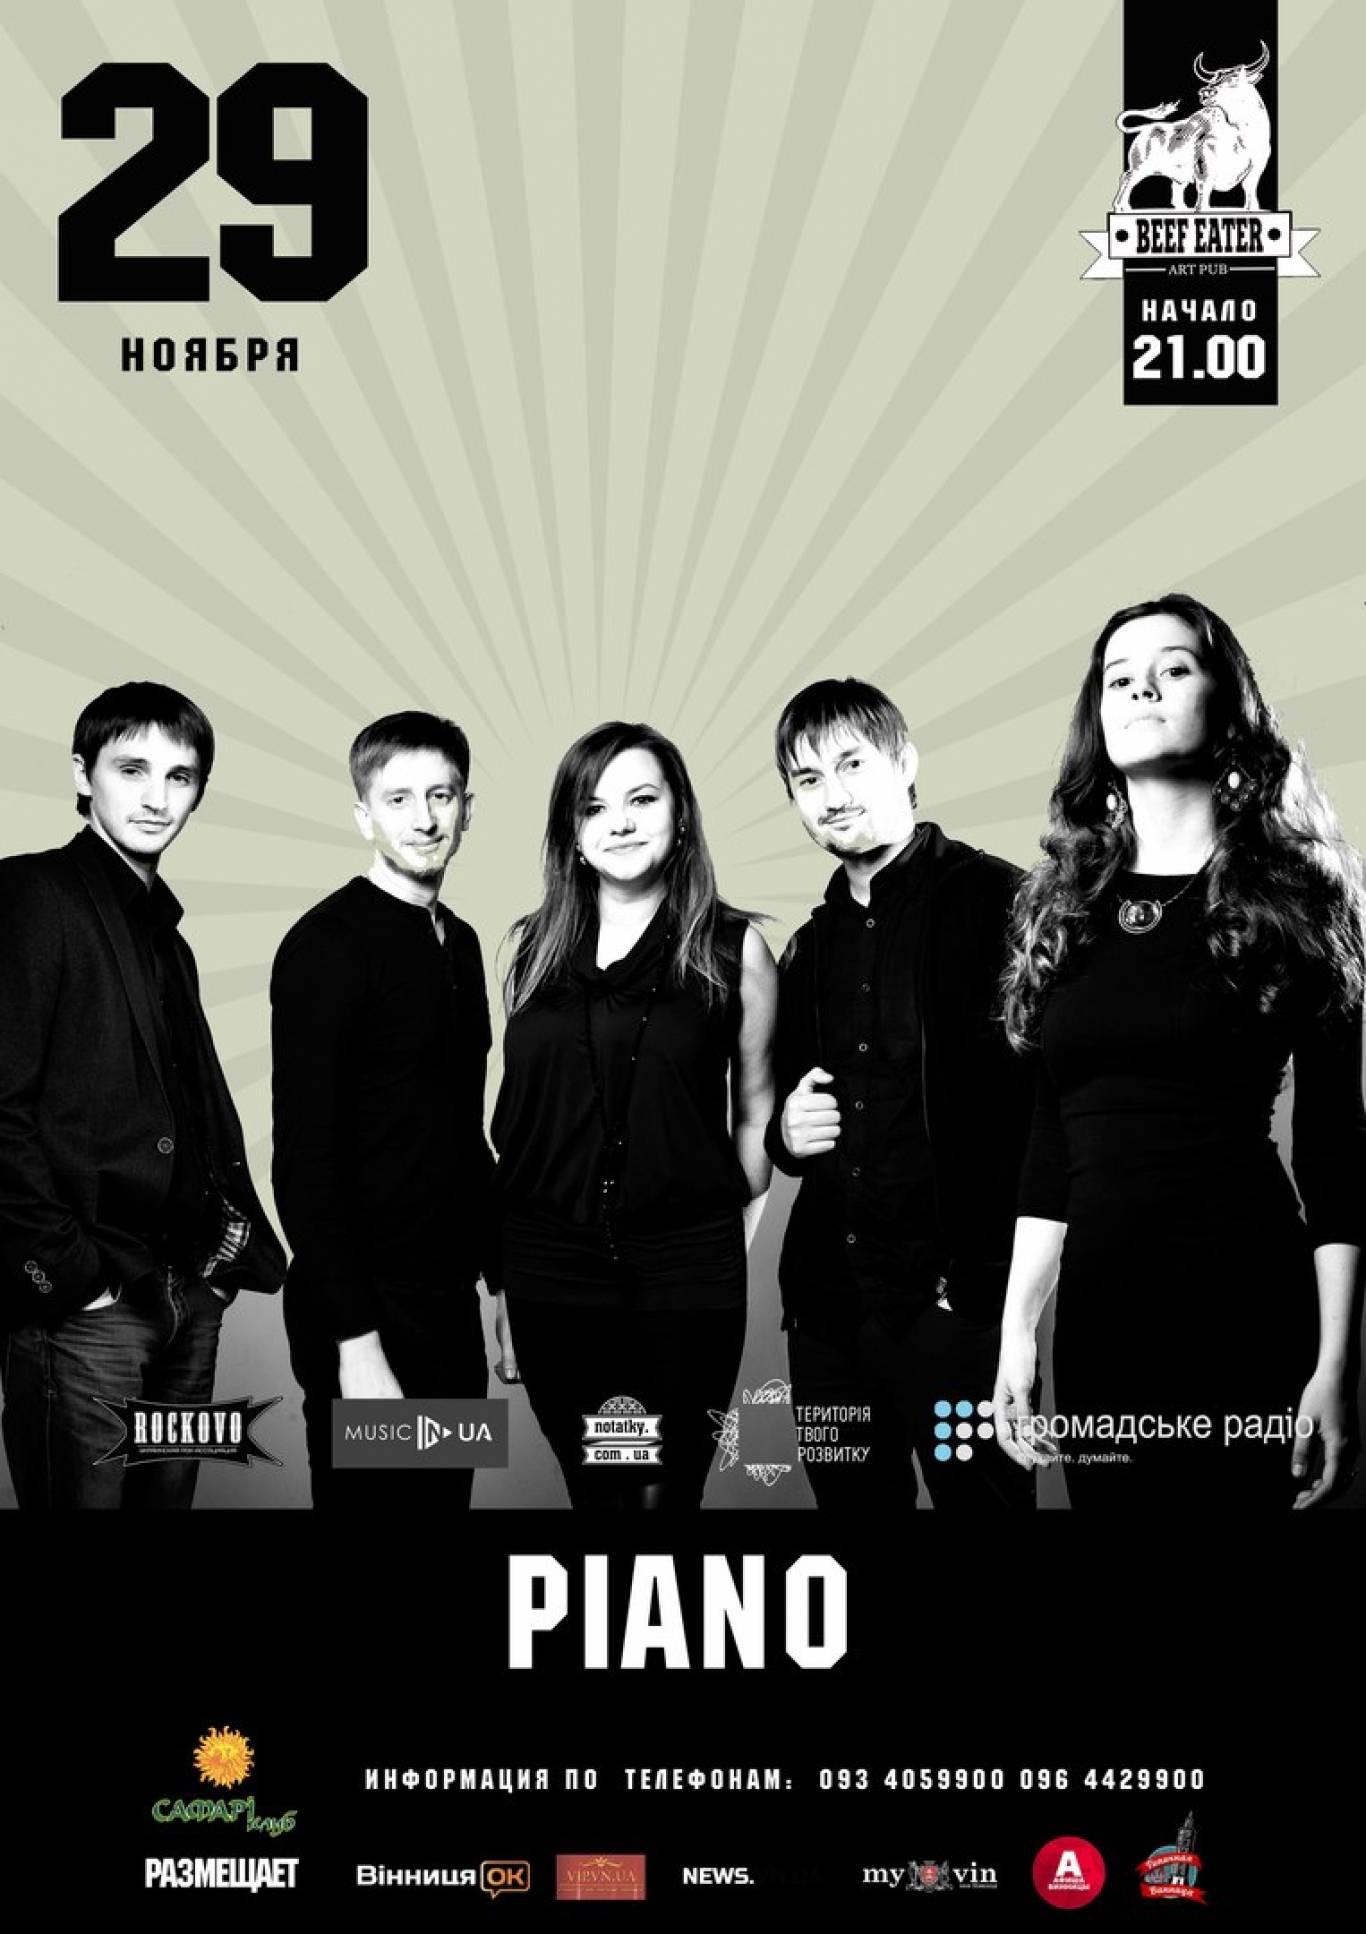 Львівська група PIANO запрошує на концерт у Вінниці